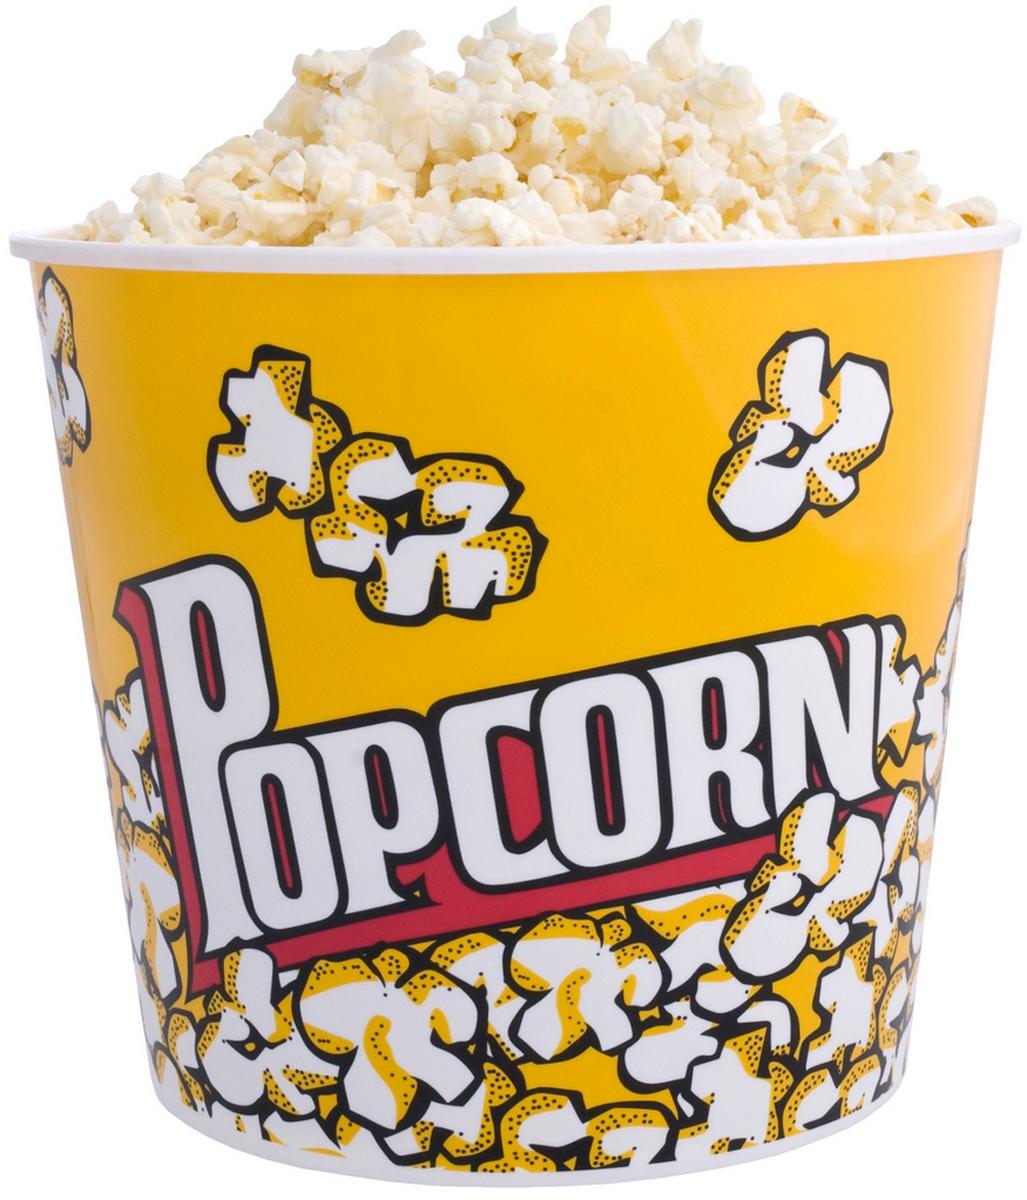 Стакан для попкорна Balvi Pop Corn, цвет: желтый, 2,8 л24243Специальный стакан для попкорна Pop Corn очень вместителен, благодаря чему вам больше не придется возиться с неудобной и громоздкой посудой во время просмотра кино. Емкость для попкорна состоит из качественного пищевого пластика и украшена стильной надписью. Стакан очень легкий и подойдет для большой семьи или веселой компании друзей, любящих по вечерам собираться вместе, чтобы насладиться любимым фильмом.- Емкость стакана 2,8 л.- Стакан для попкорна подойдет для большой компании.- Стакан изготовлен из качественного и безвредного пищевого пластика.